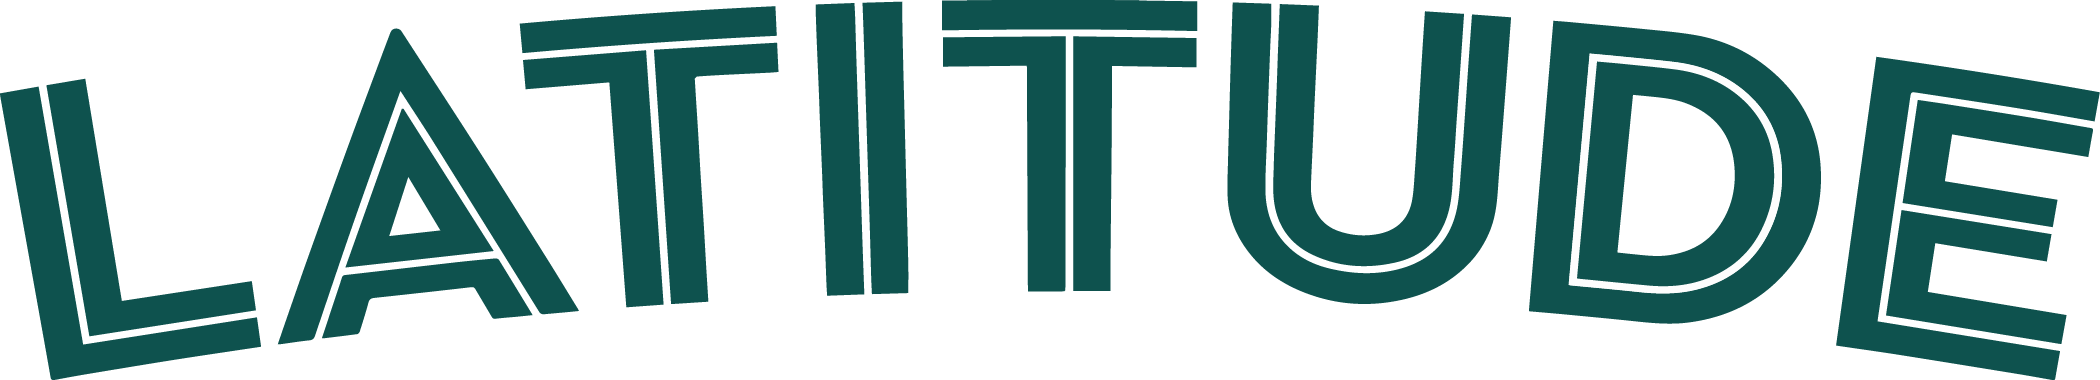 latitude_2018_logo_green.png